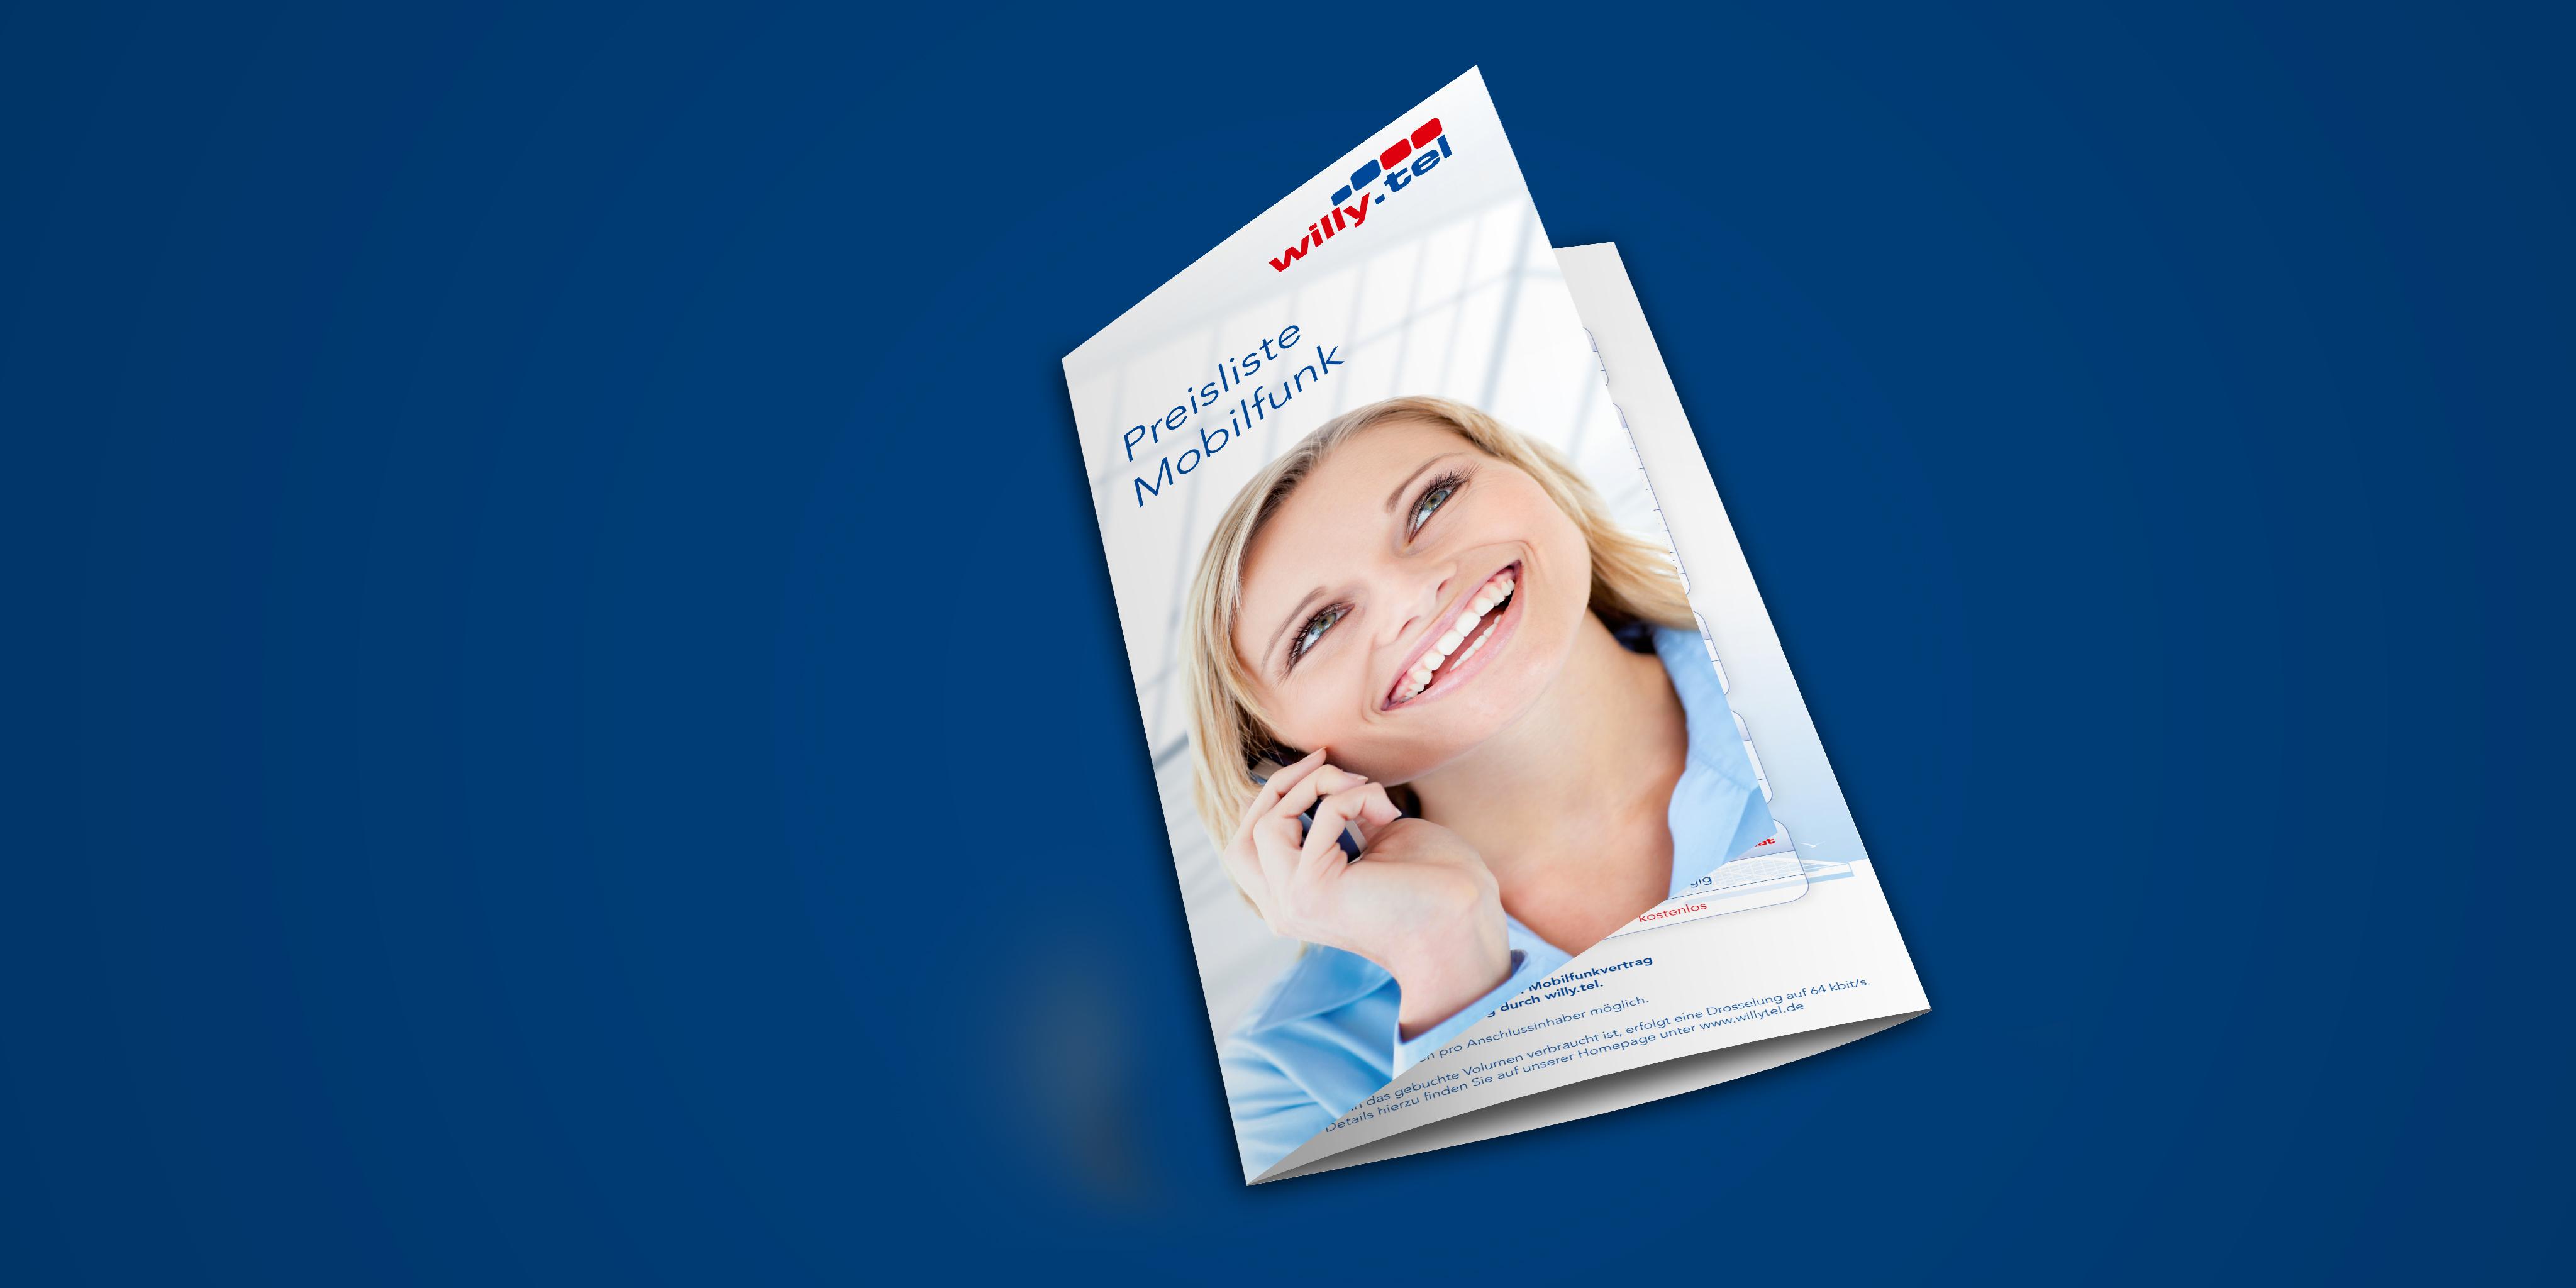 willy.tel Preisliste Mobilfunk Titelseite